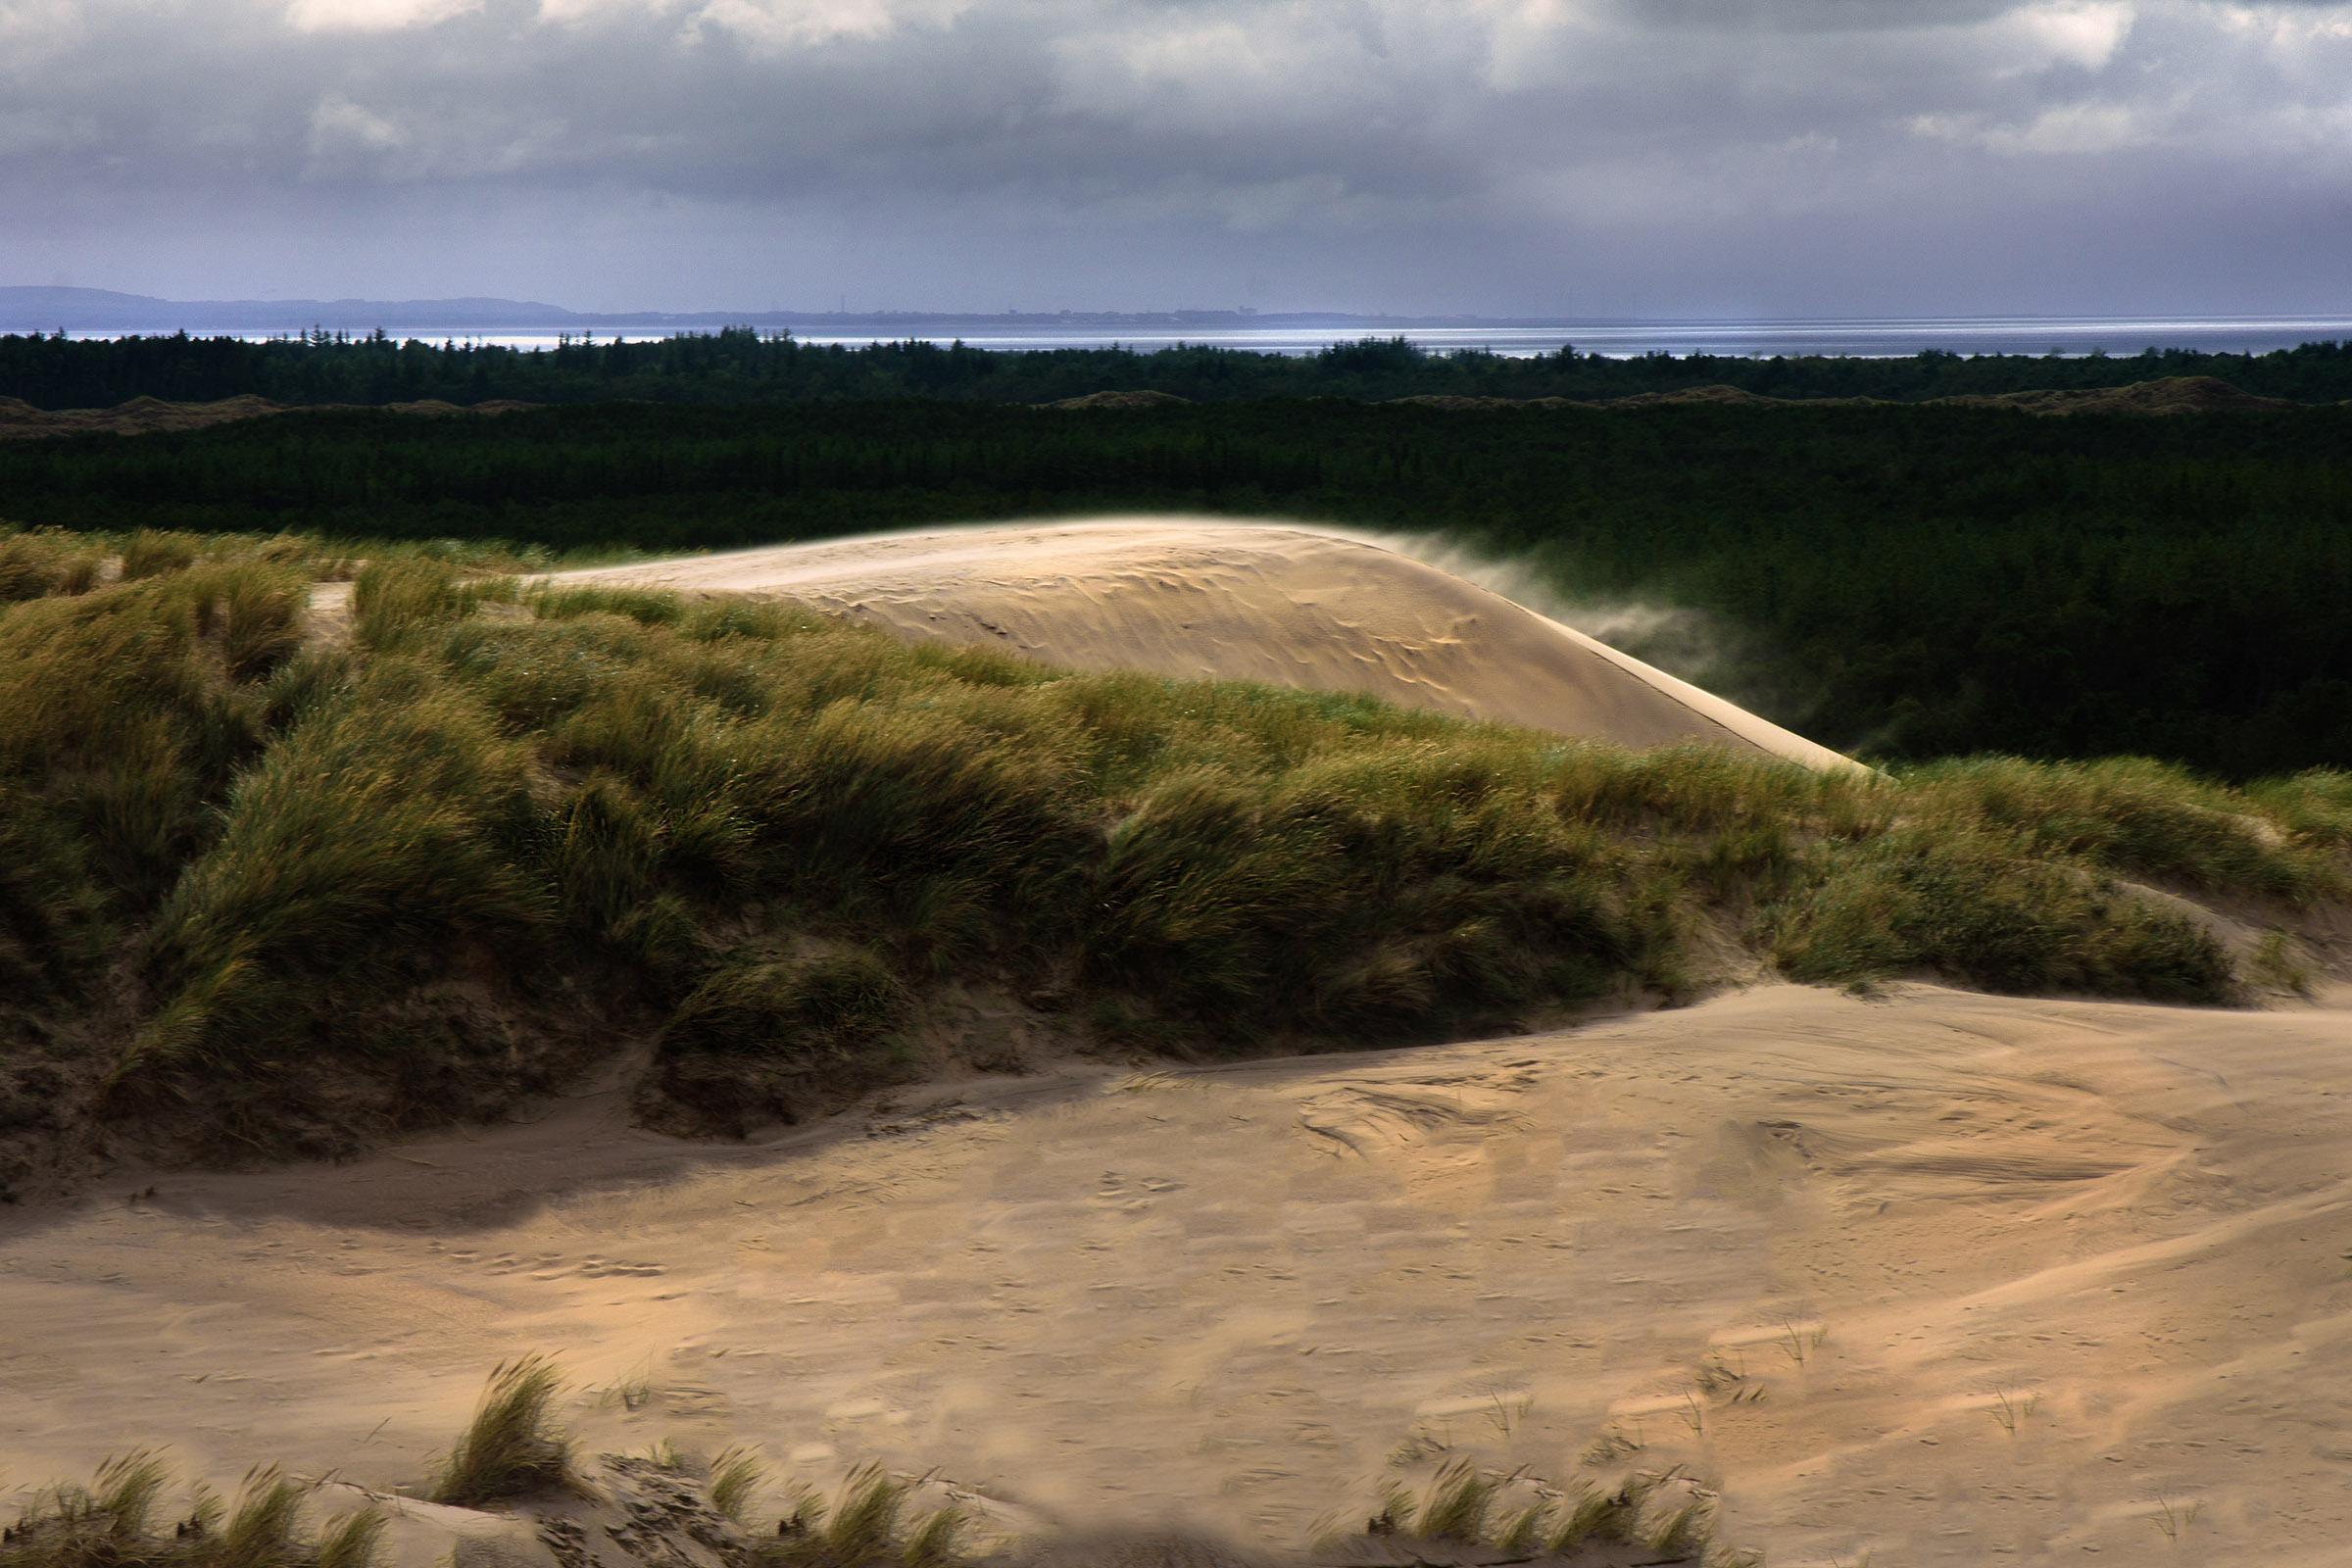 Il deserto danese...